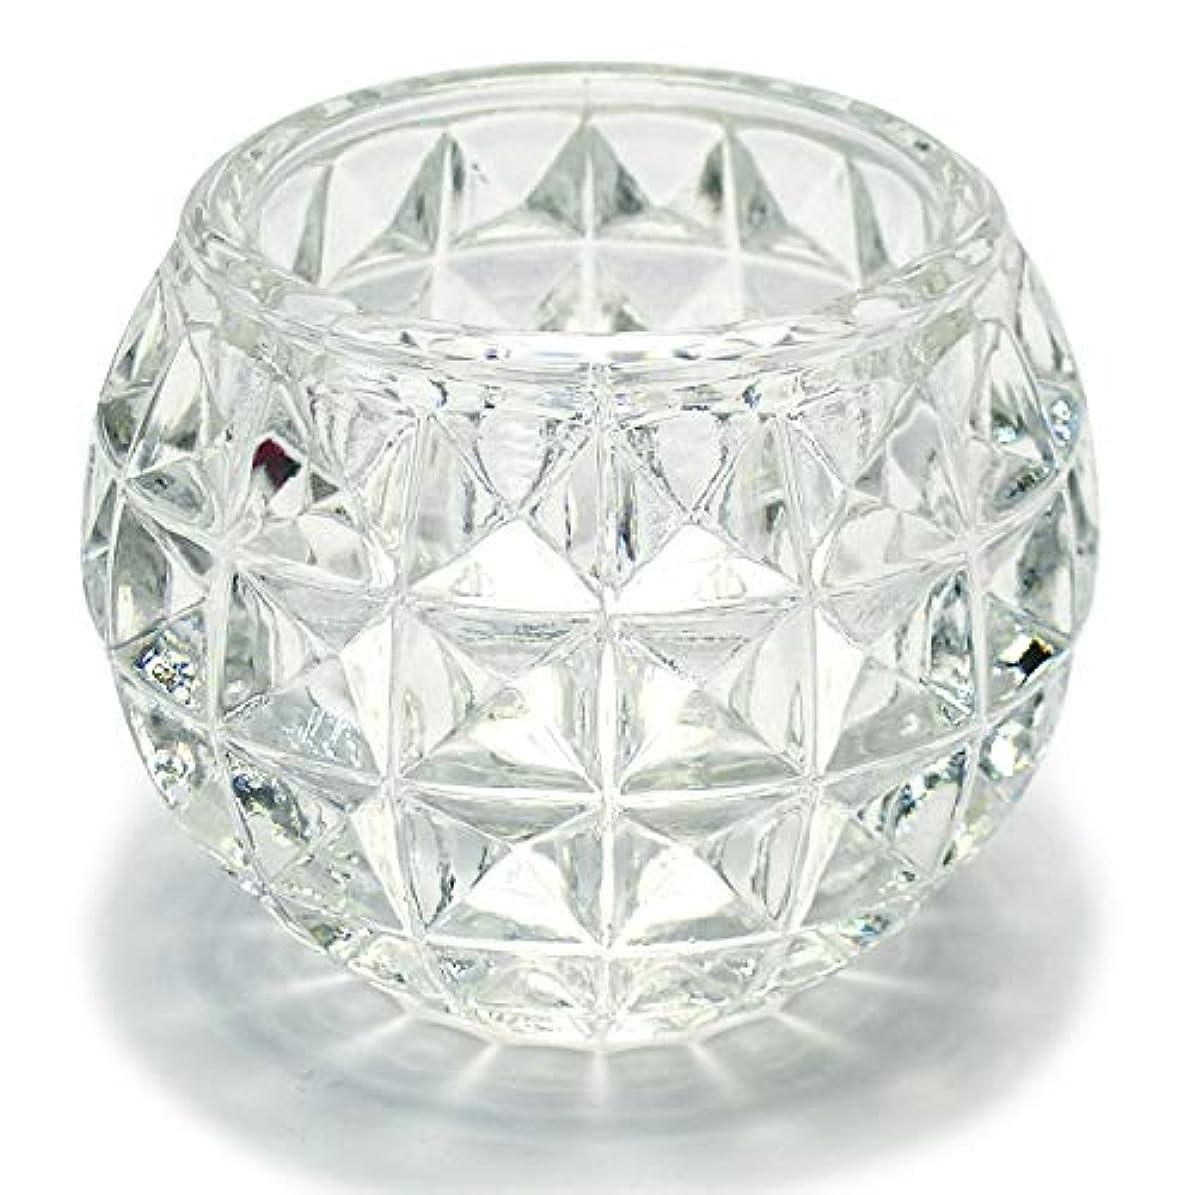 放つ半円フェードアウトキャンドルホルダー ガラス 5 キャンドルスタンド クリスマス ティーキャンドル 誕生日 記念日